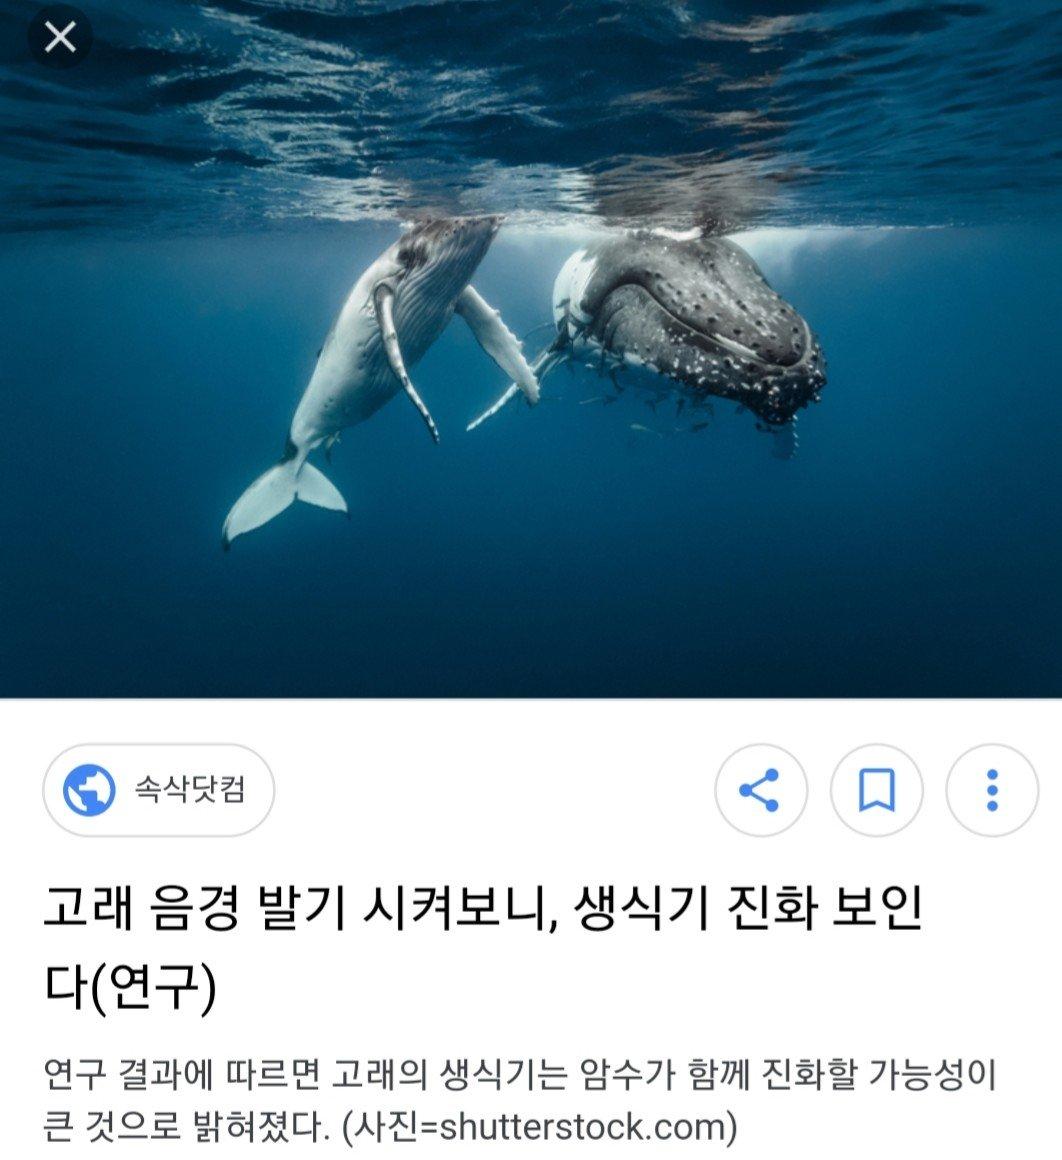 20180314_121159.jpg 고래 성기의 위엄